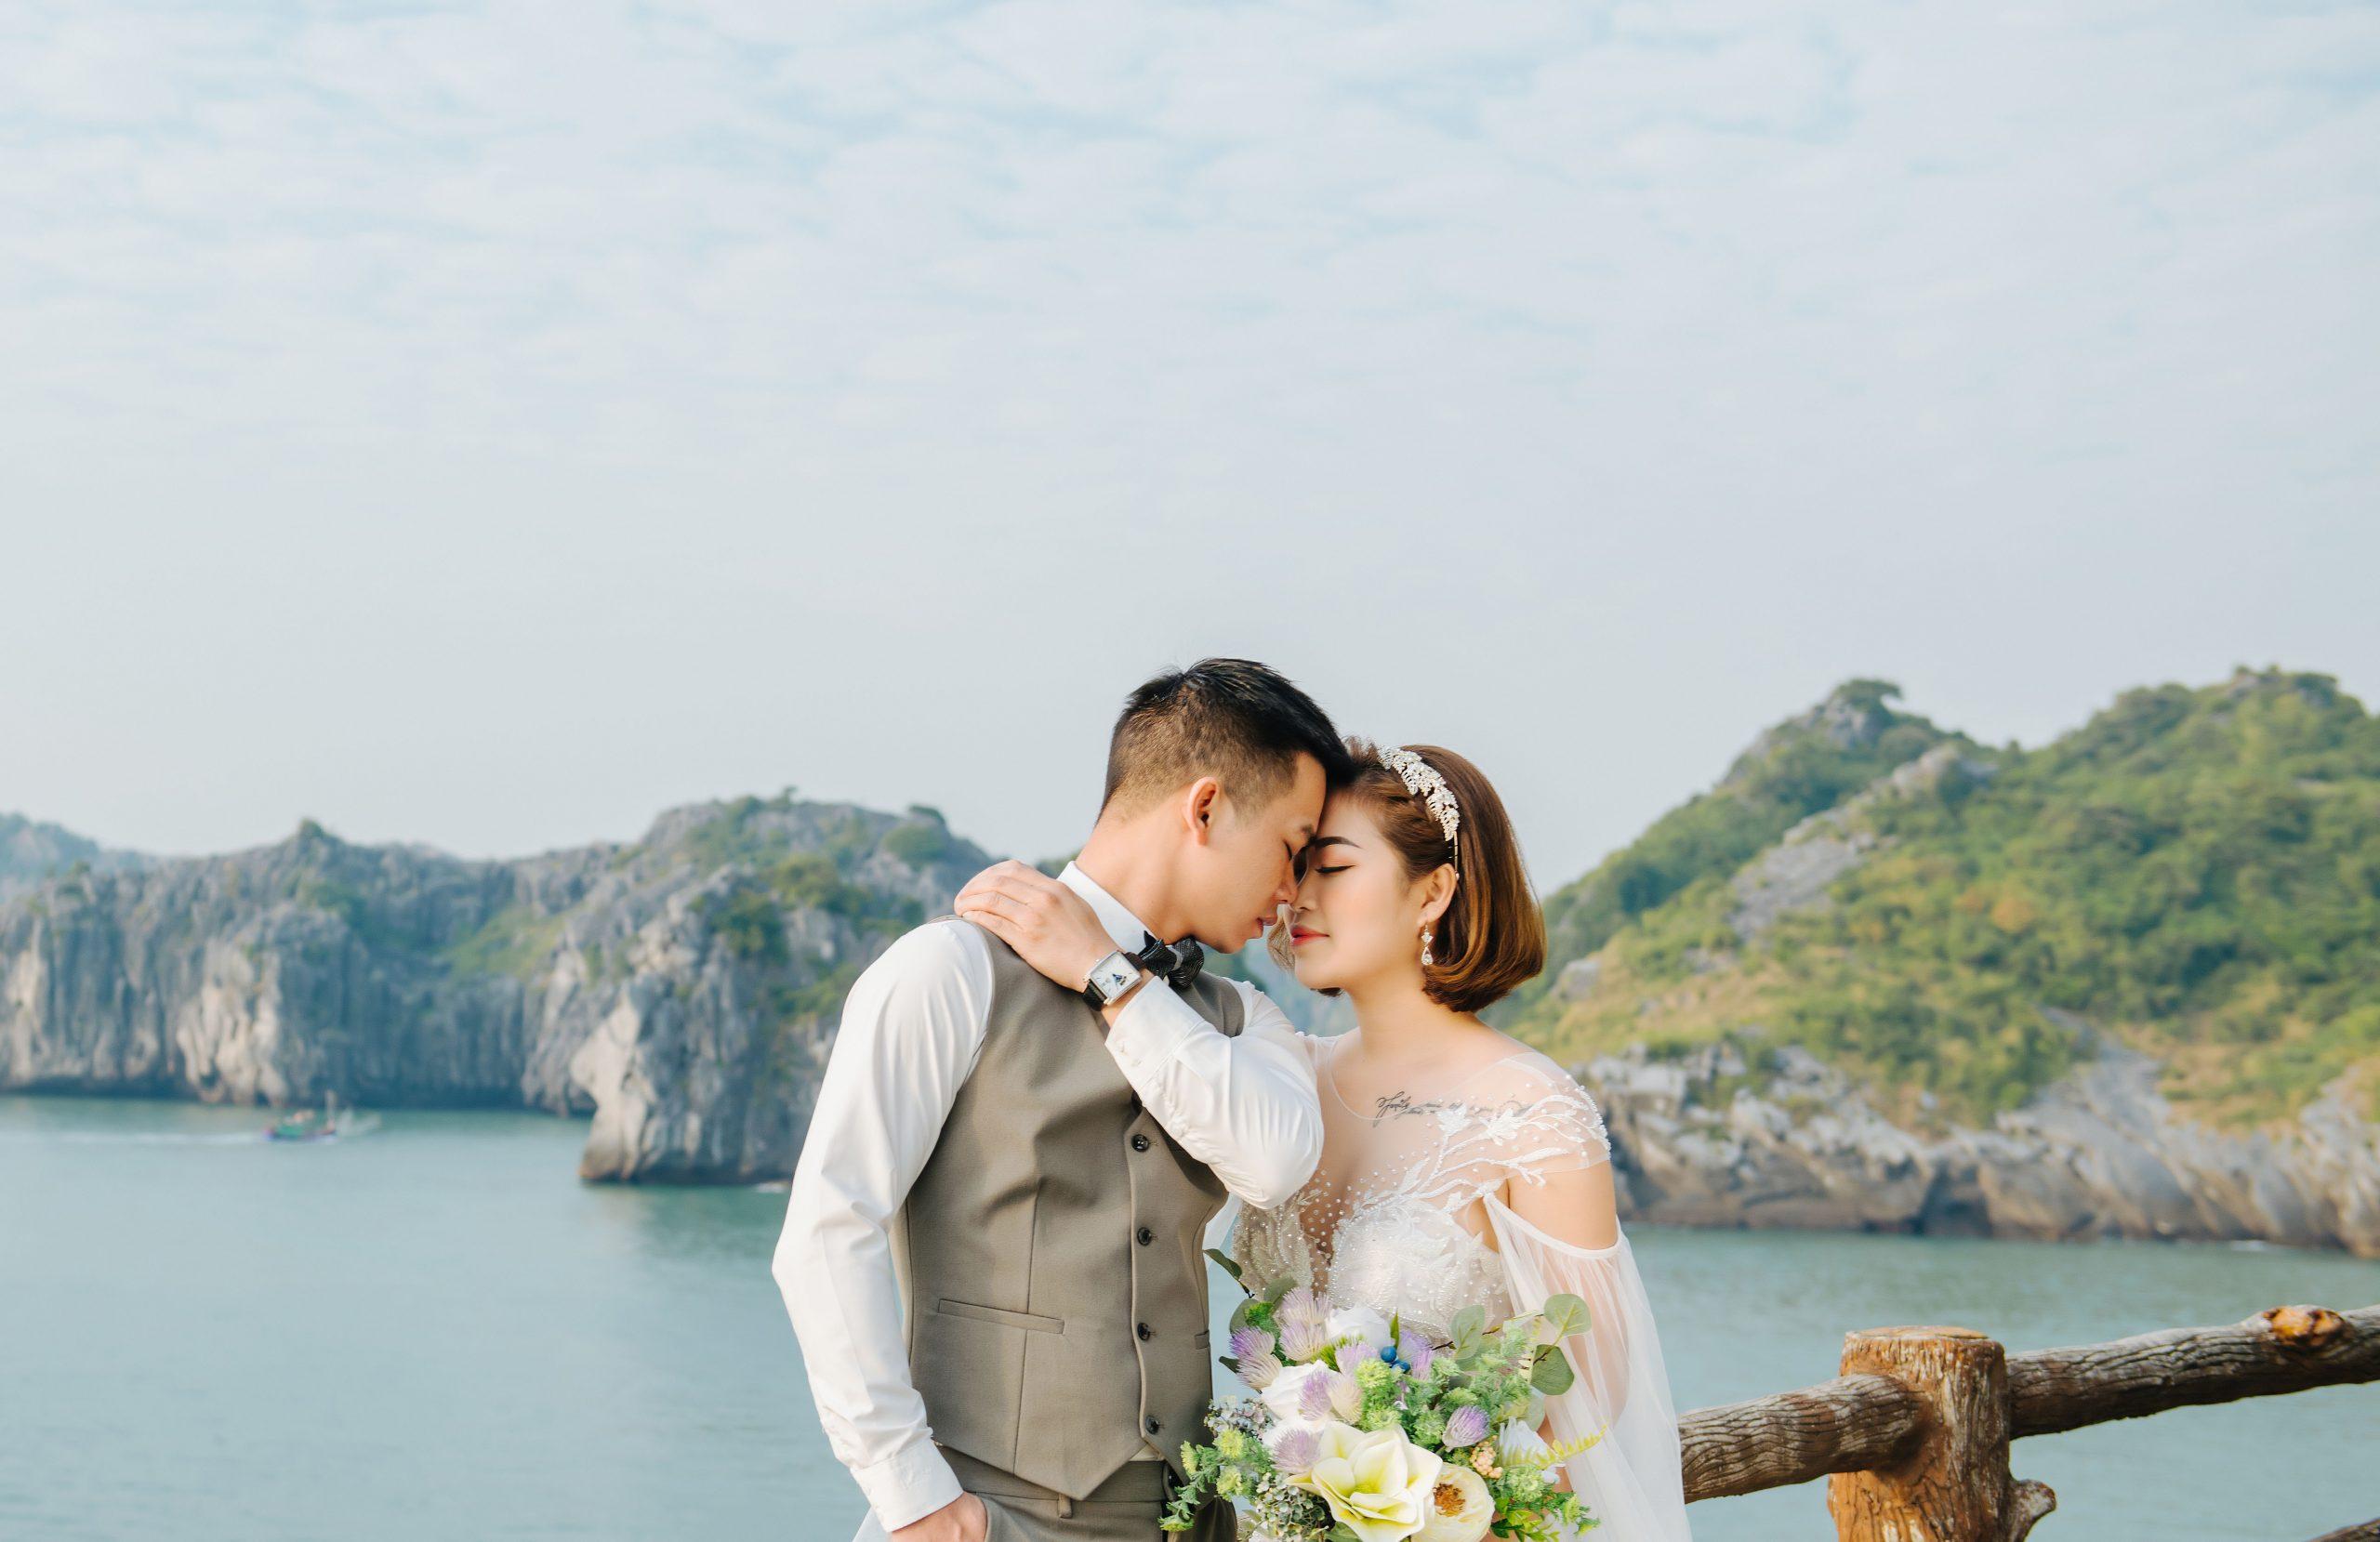 Chụp ảnh cưới ở Cát Bà – Thiên đường chụp ảnh cưới tại miền Bắc